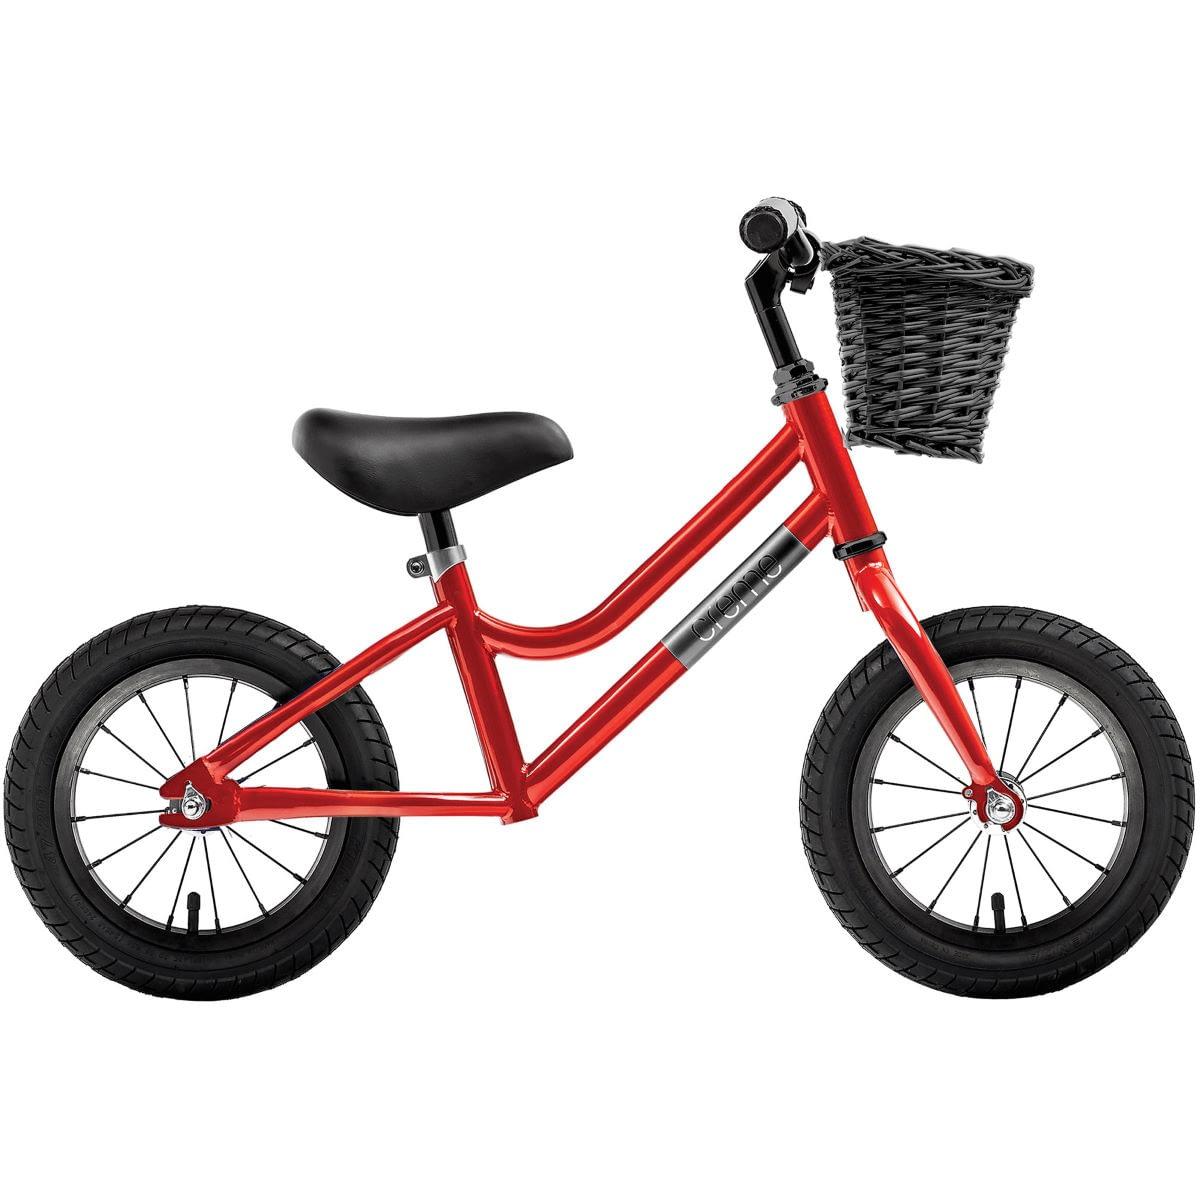 Creme Micky Balance Bike Balance Bikes